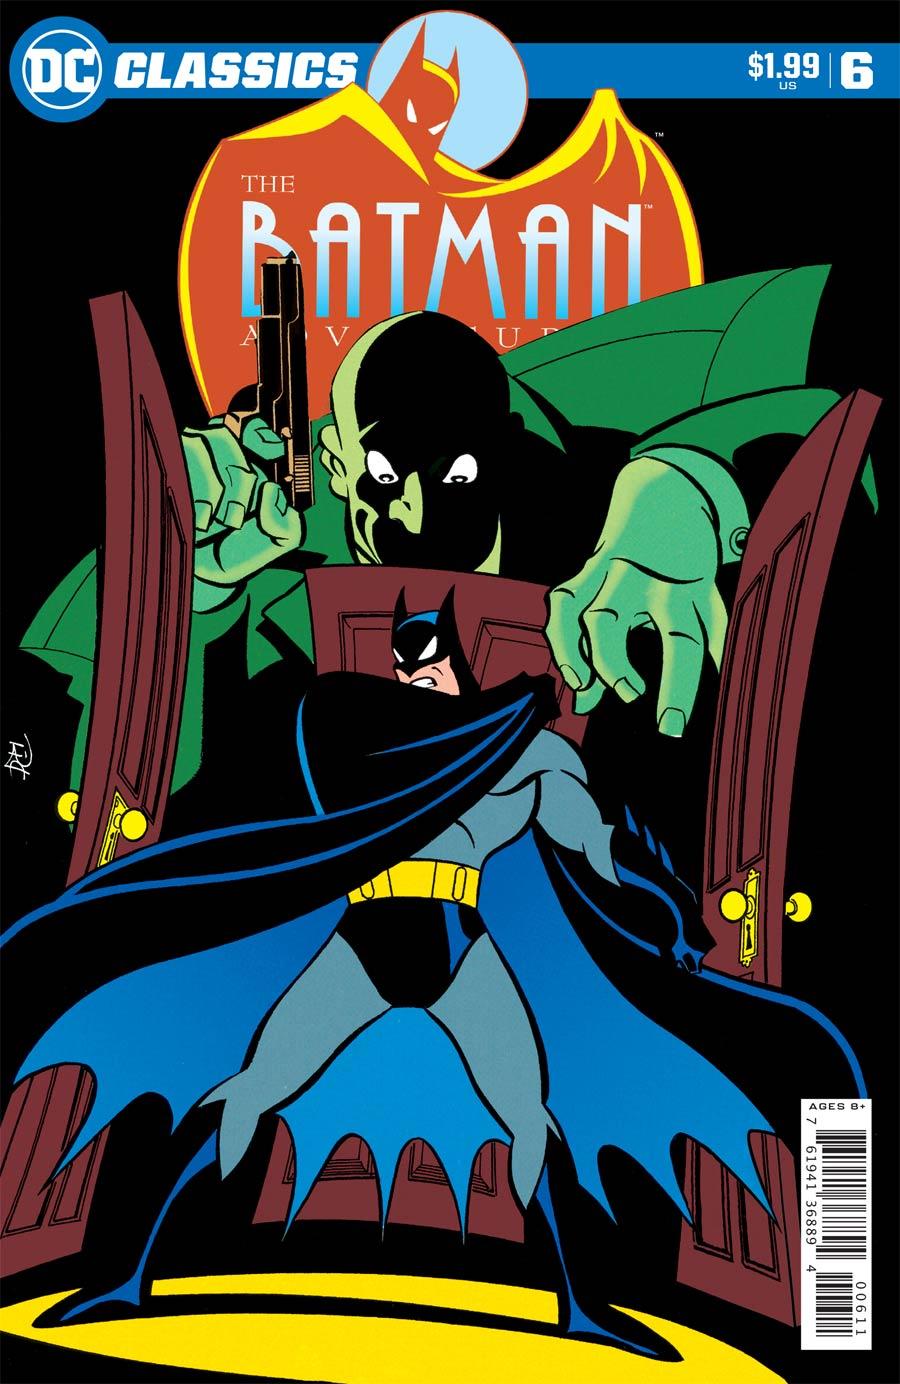 DC Classics Batman Adventures #6